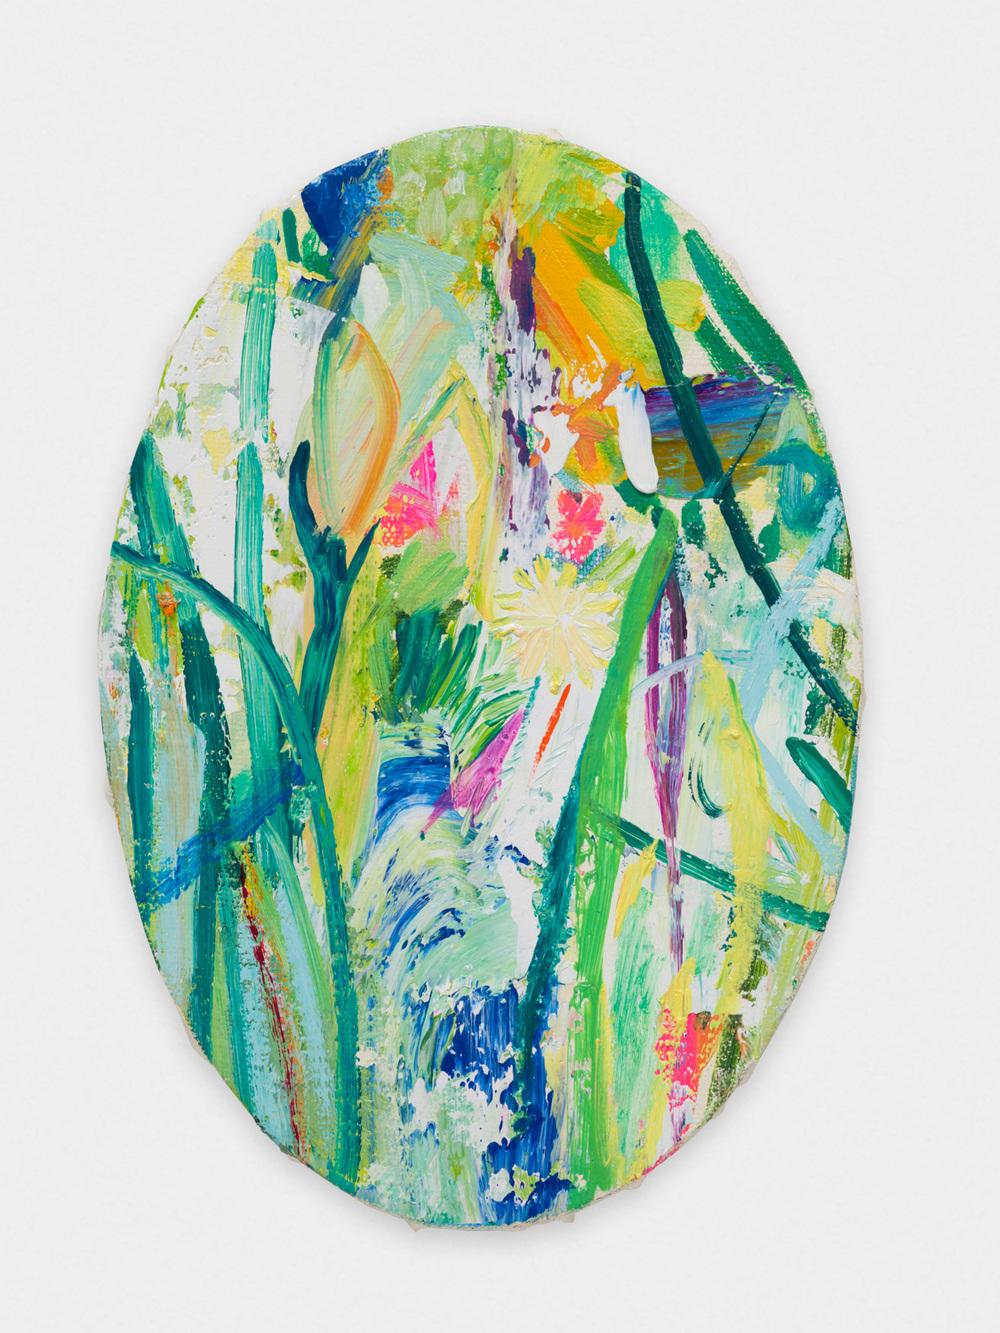 Miki Mochizuka  CYF  2015 - 2016 Oil on canvas 11.22h x 7.68w in (28.5h x 19.5w cm) MikiM002